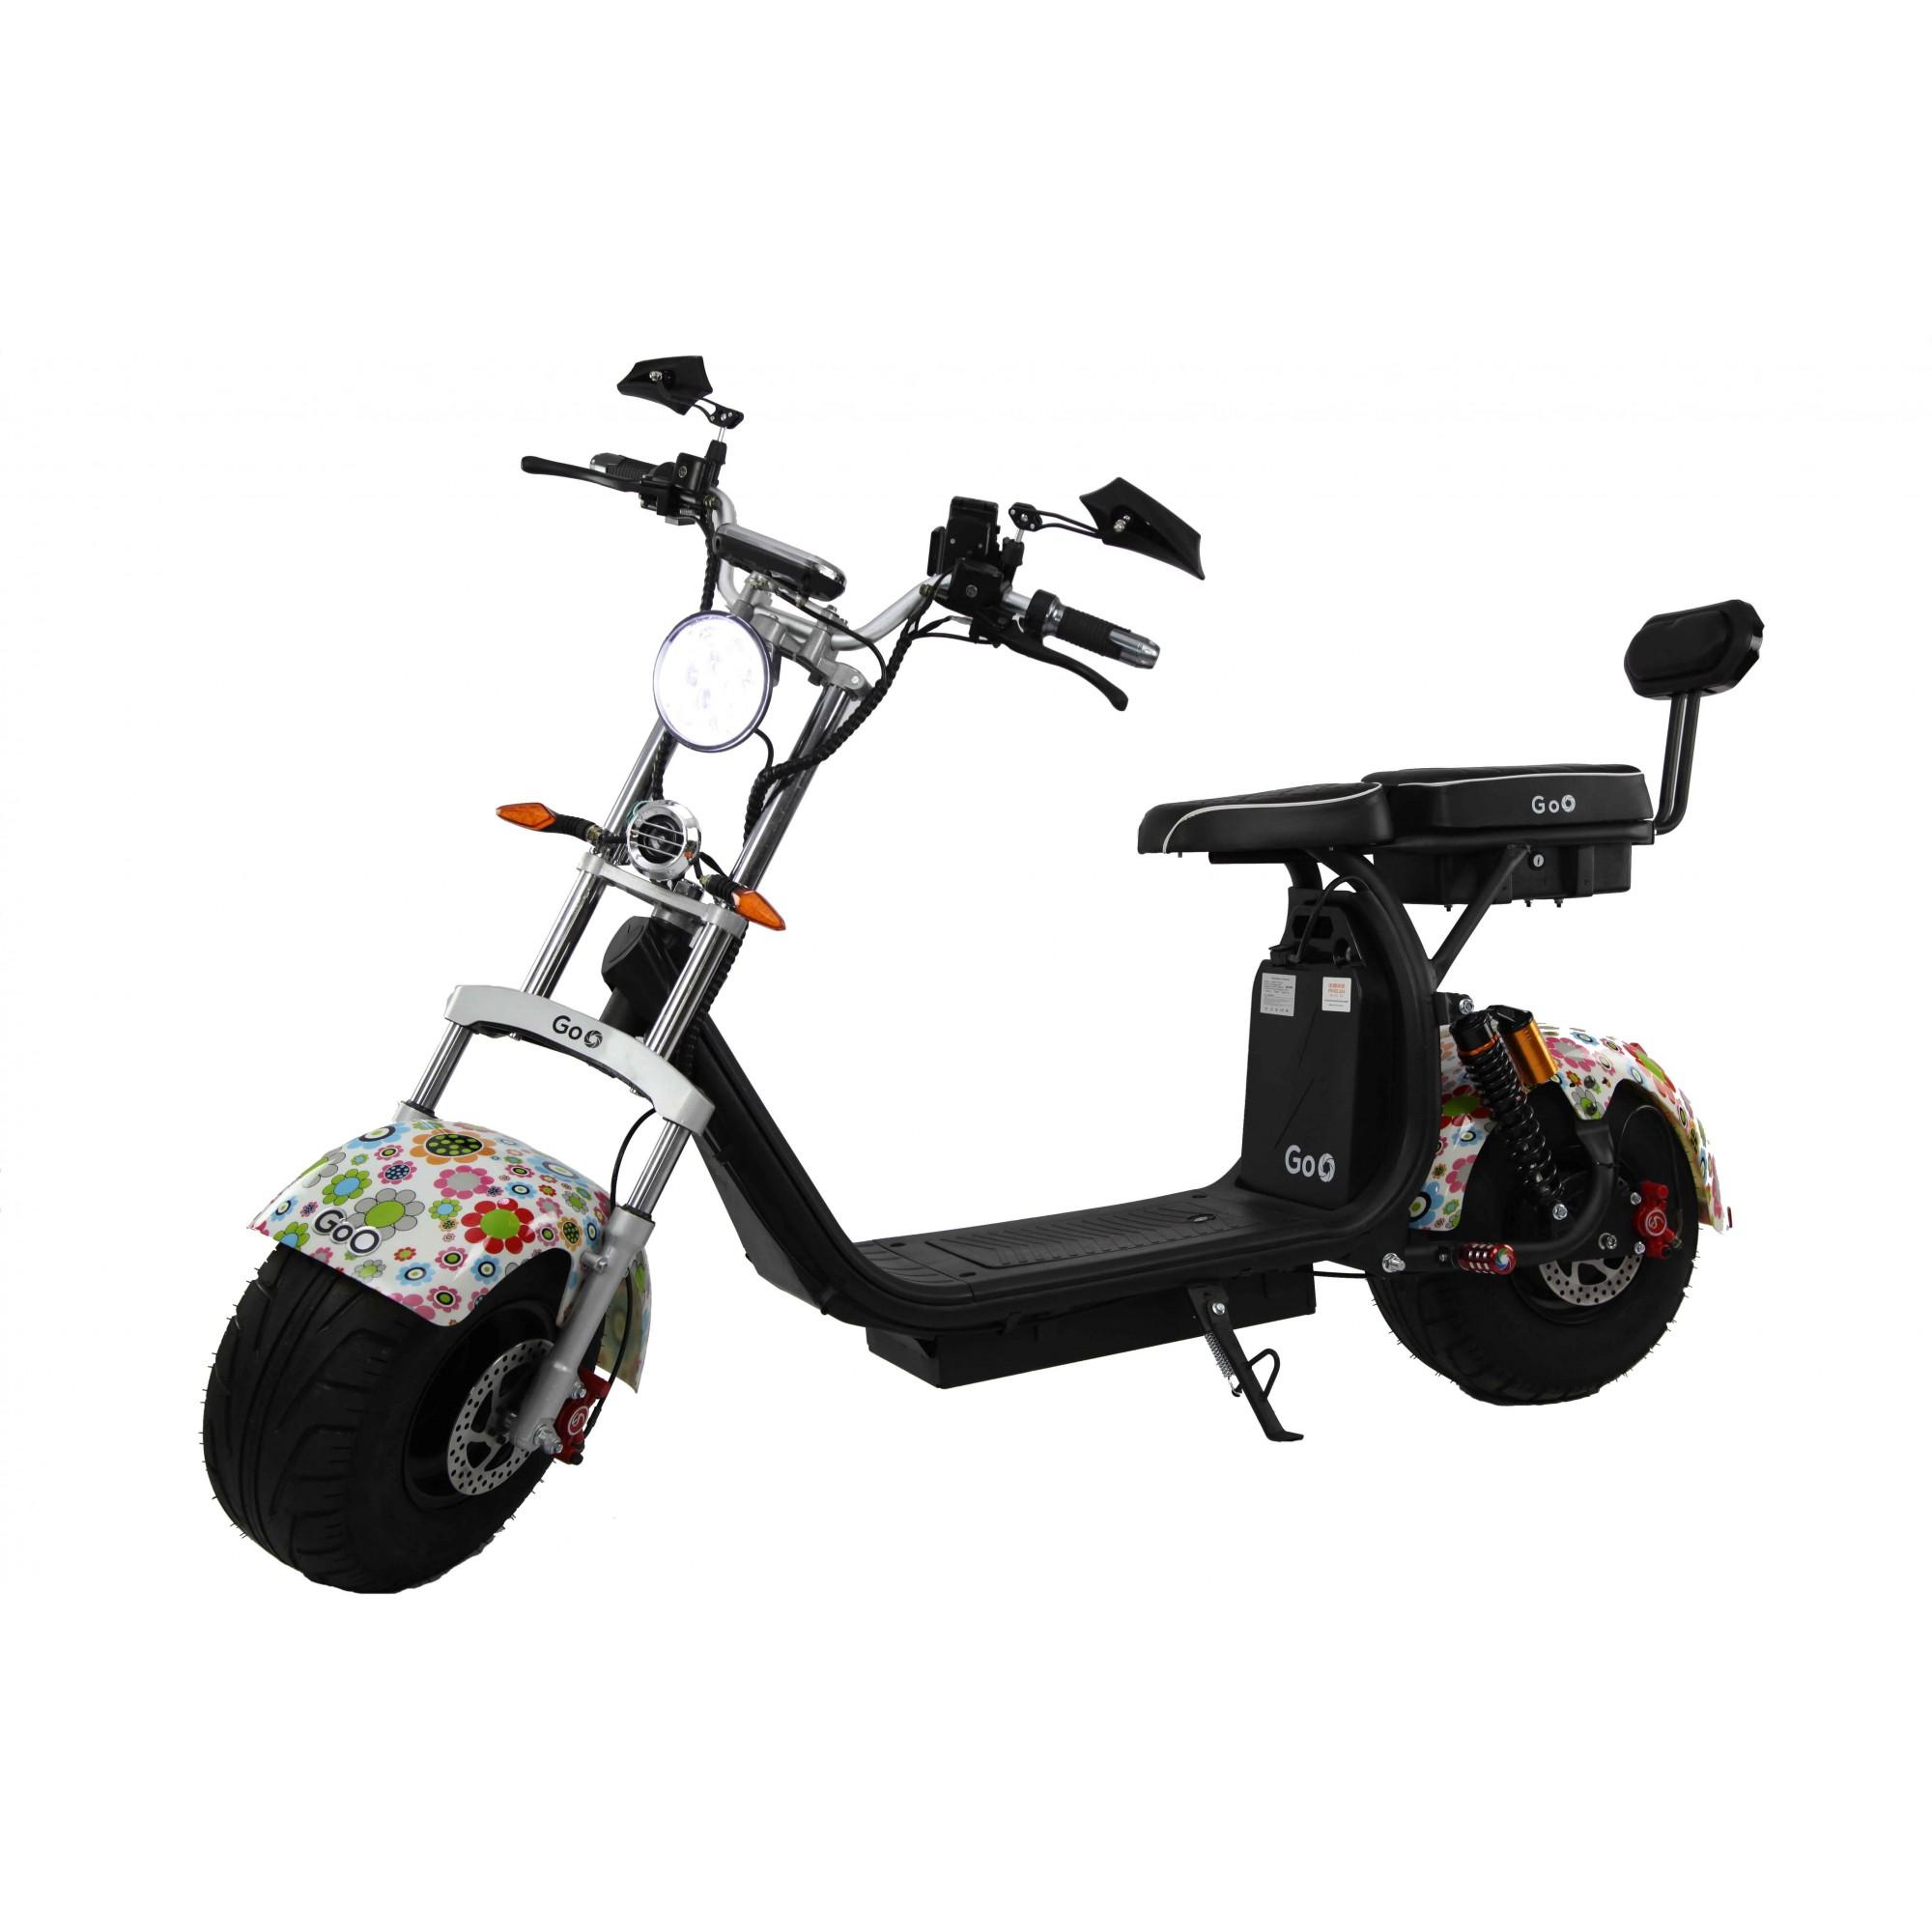 Jogo de Para-lamas Flor com seta scooter elétrica citycoco